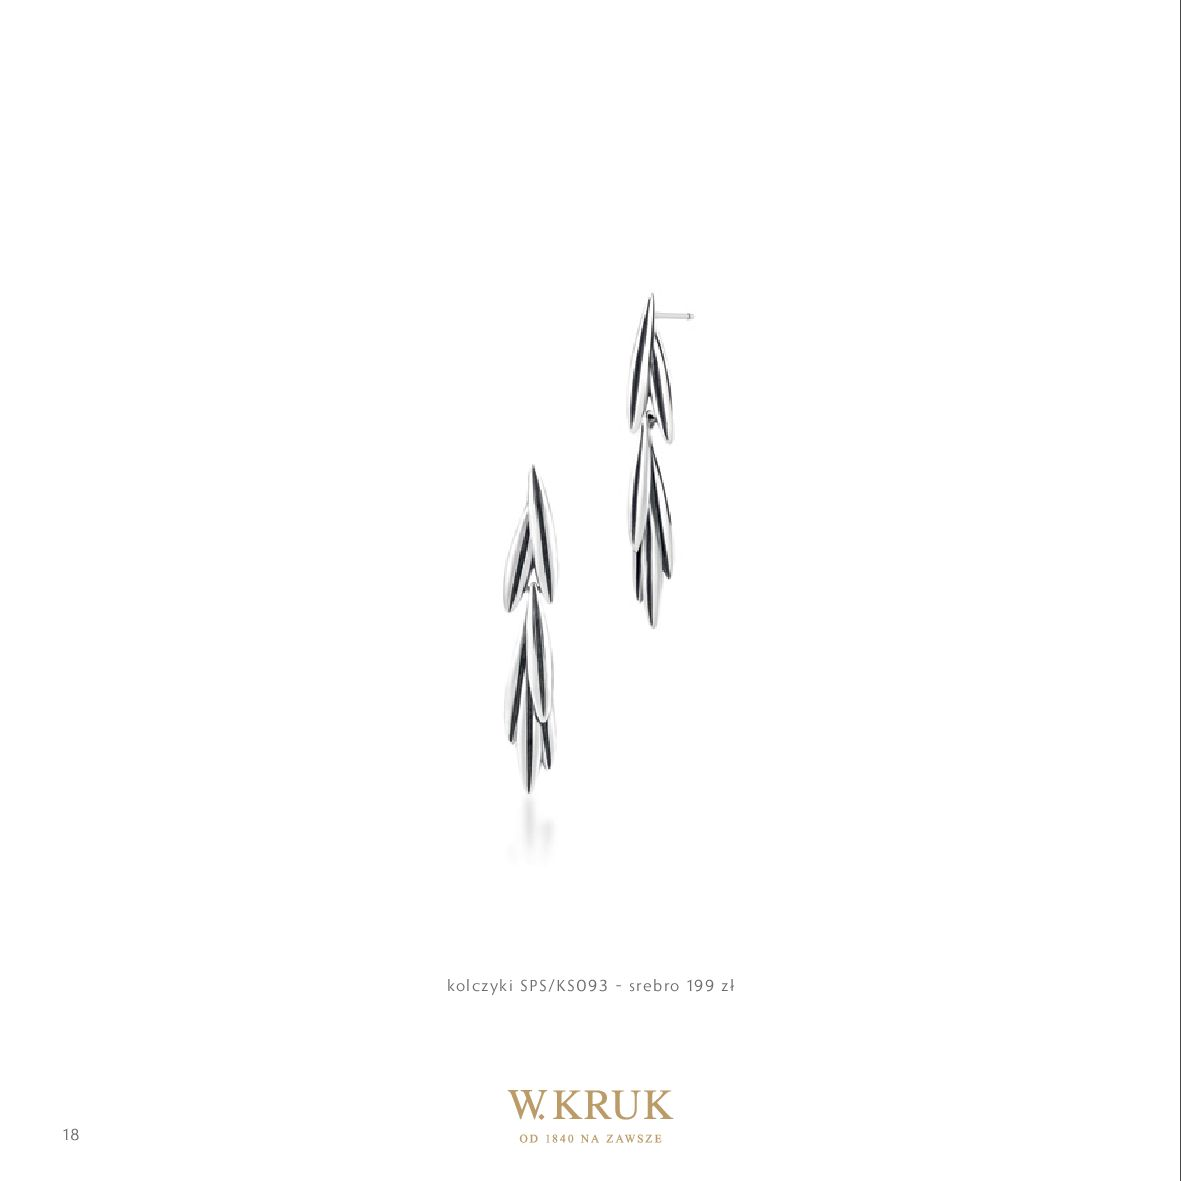 Gazetka W. KRUK: Katalog - Kolekcja Przyjaźń 2021-02-17 page-20